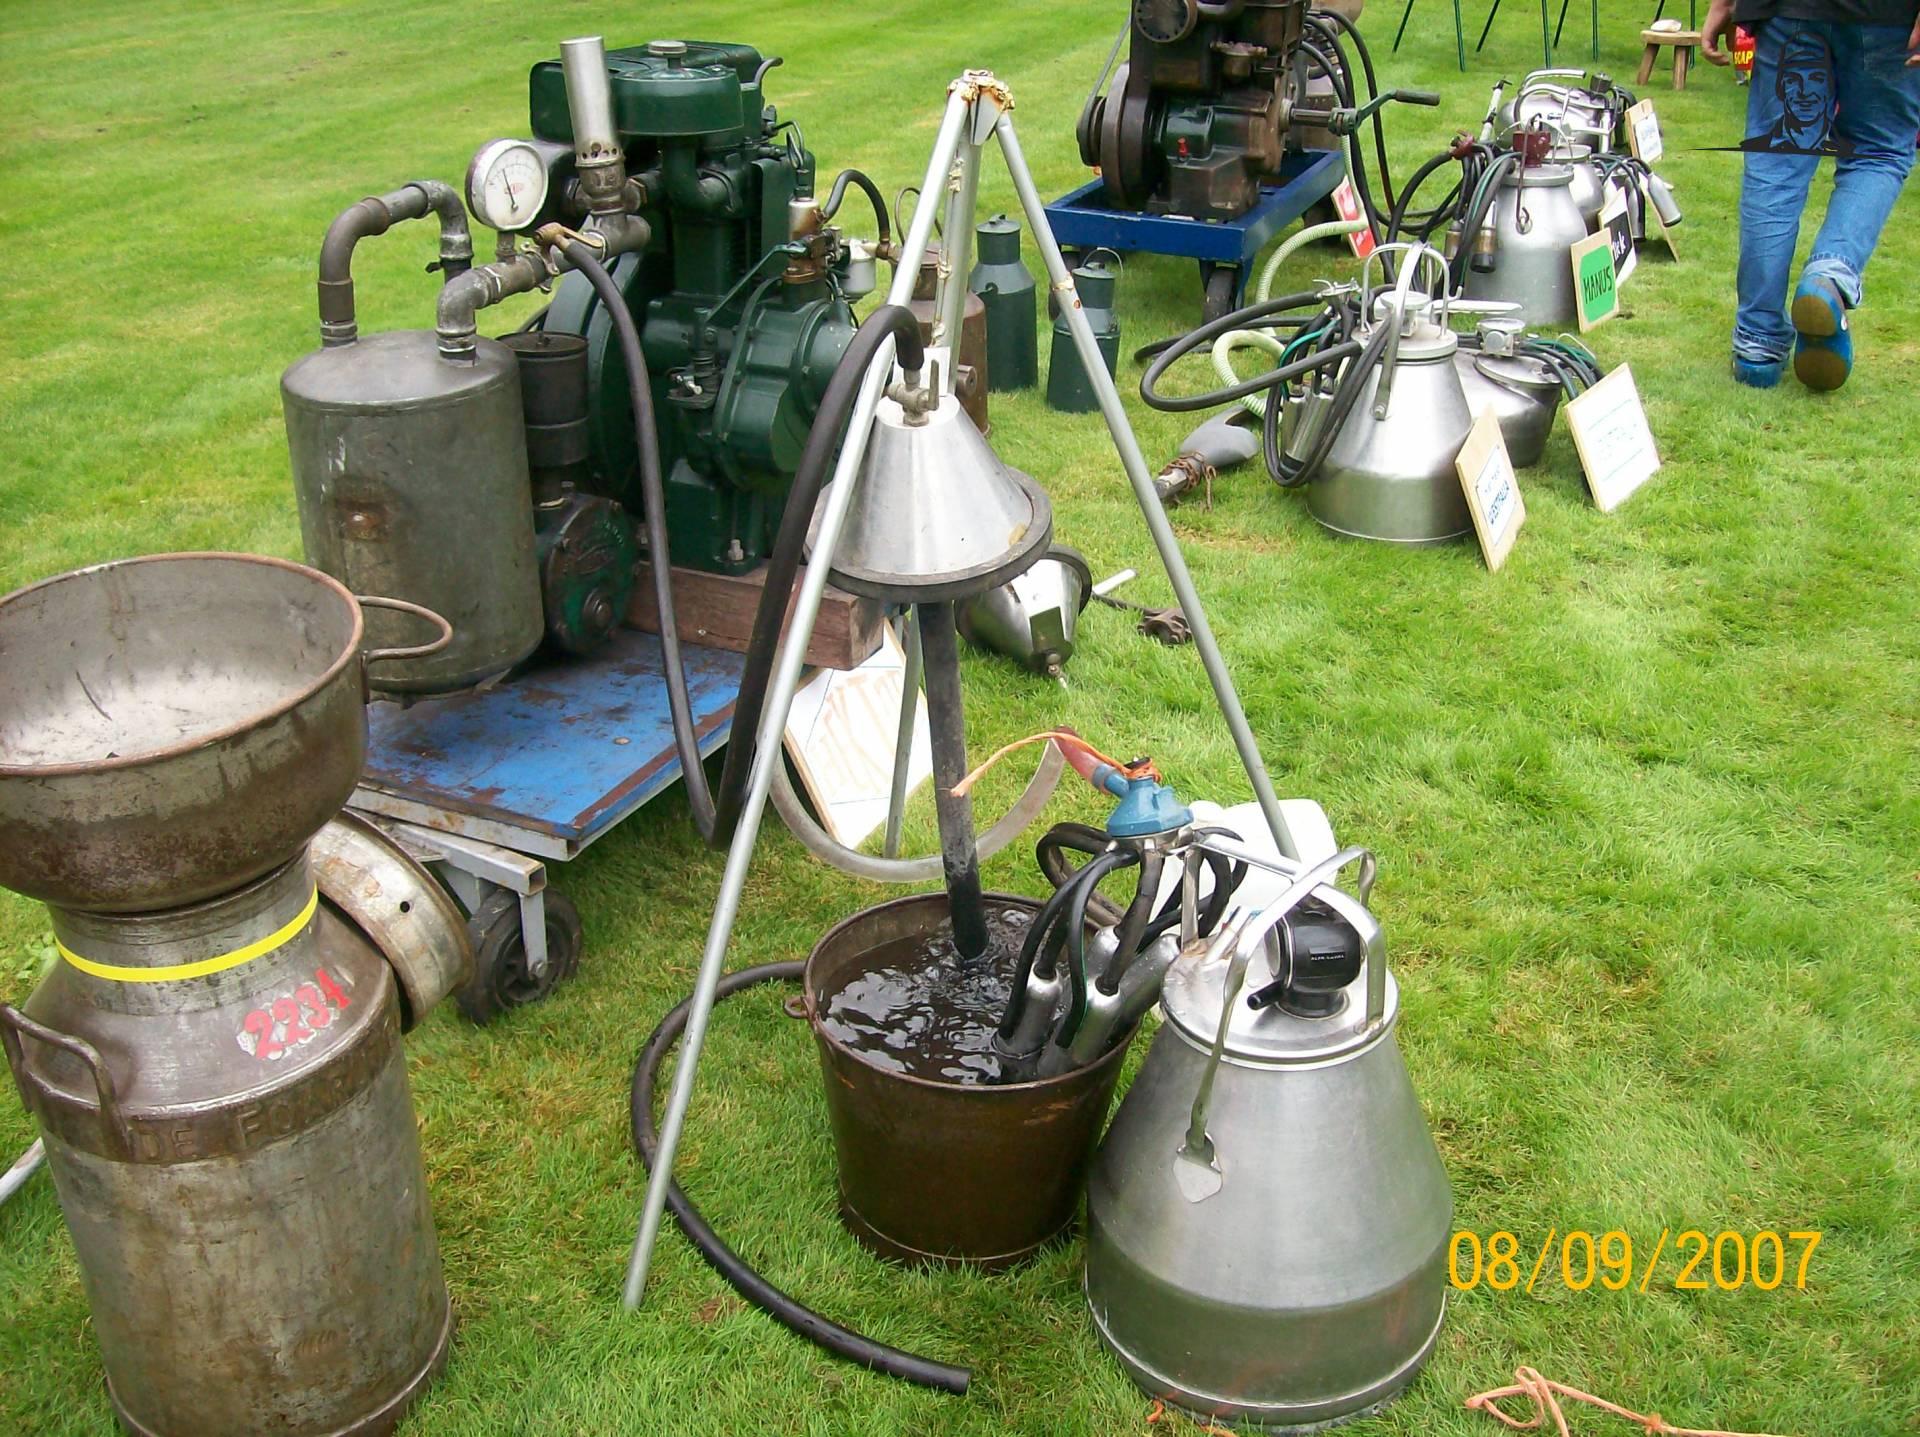 spoelinstallatie voor oude melkapparaten  van wolseley